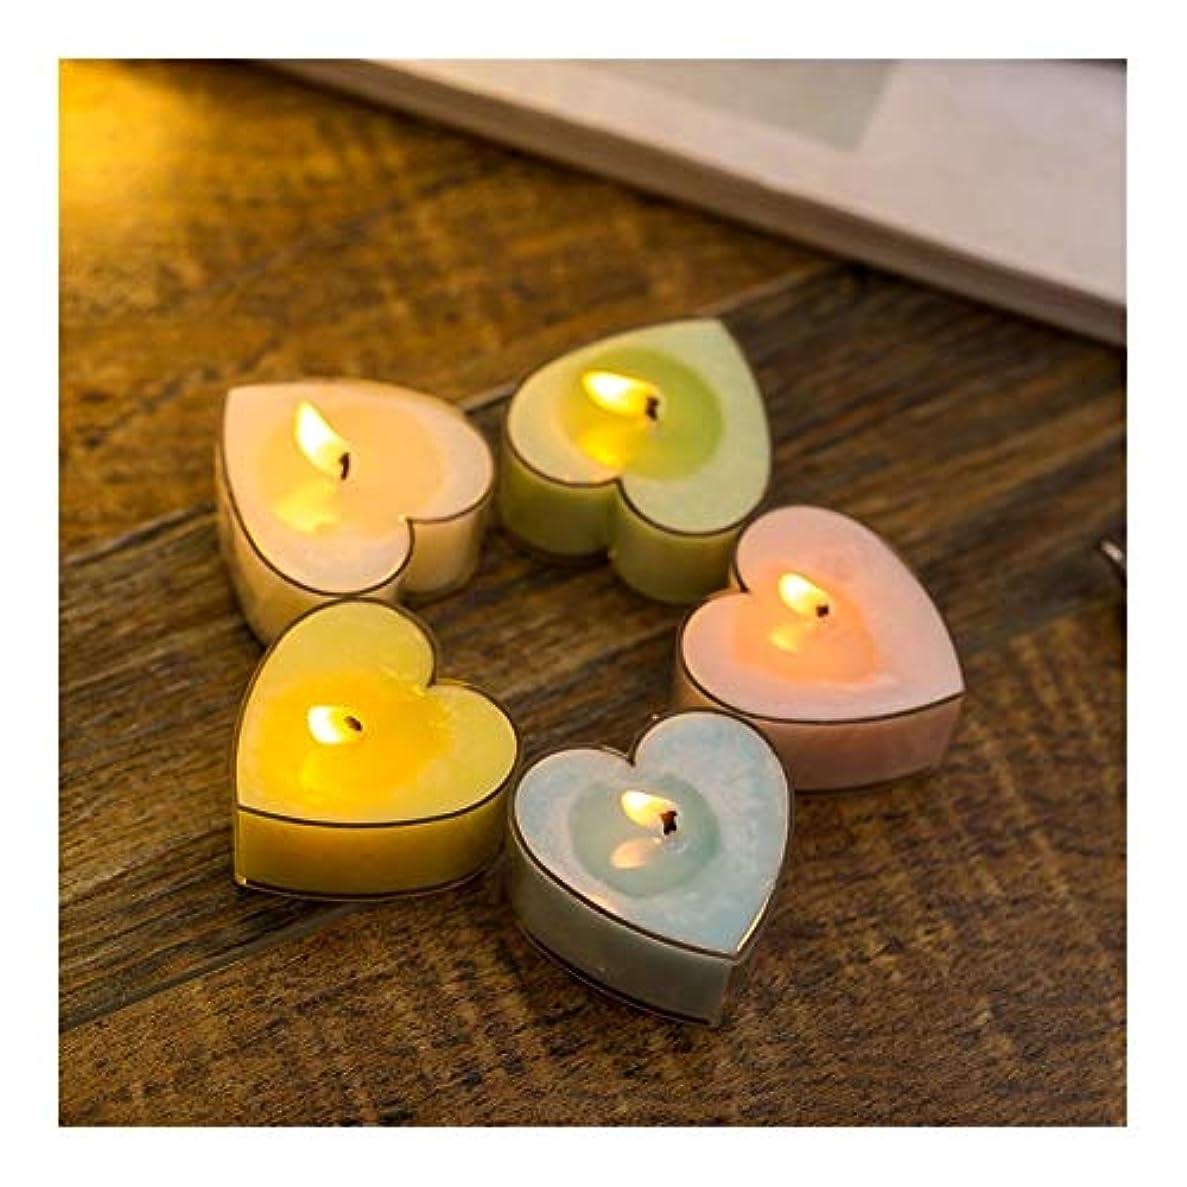 将来の災難外観Ztian 家の多彩なモモの中心の香料入りの蝋燭のカップルの悪いギフトの小さい蝋燭 (色 : Marriage)